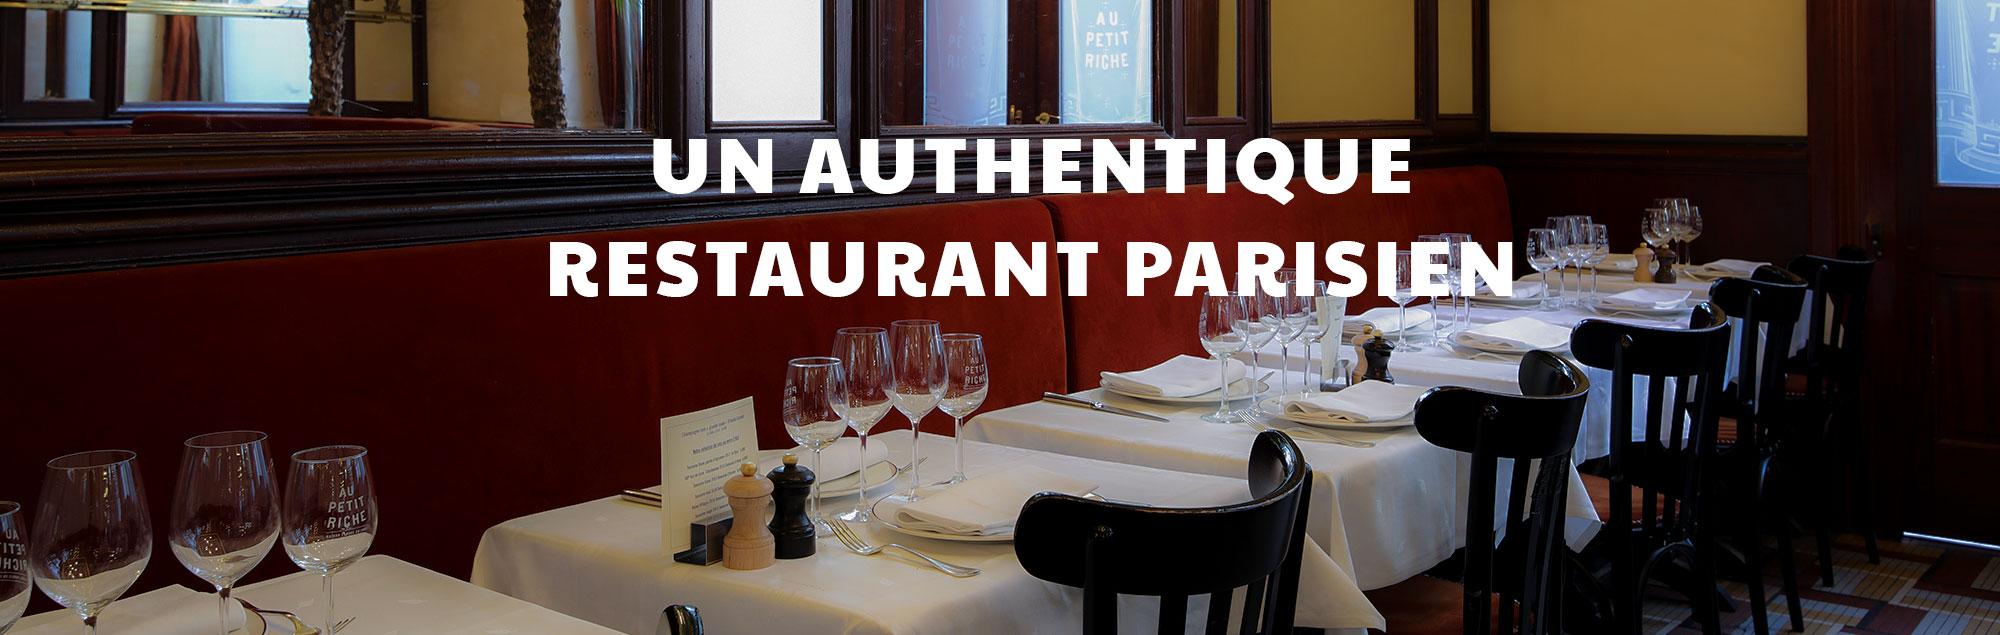 Lorsque l'on franchit le seuil de cette belle maison parisienne située à deux pas<br />des Grands Boulevards et de l'Opéra, un souffle d'histoire se mêle aux effluves<br />d'une agréable cuisine bourgeoise.